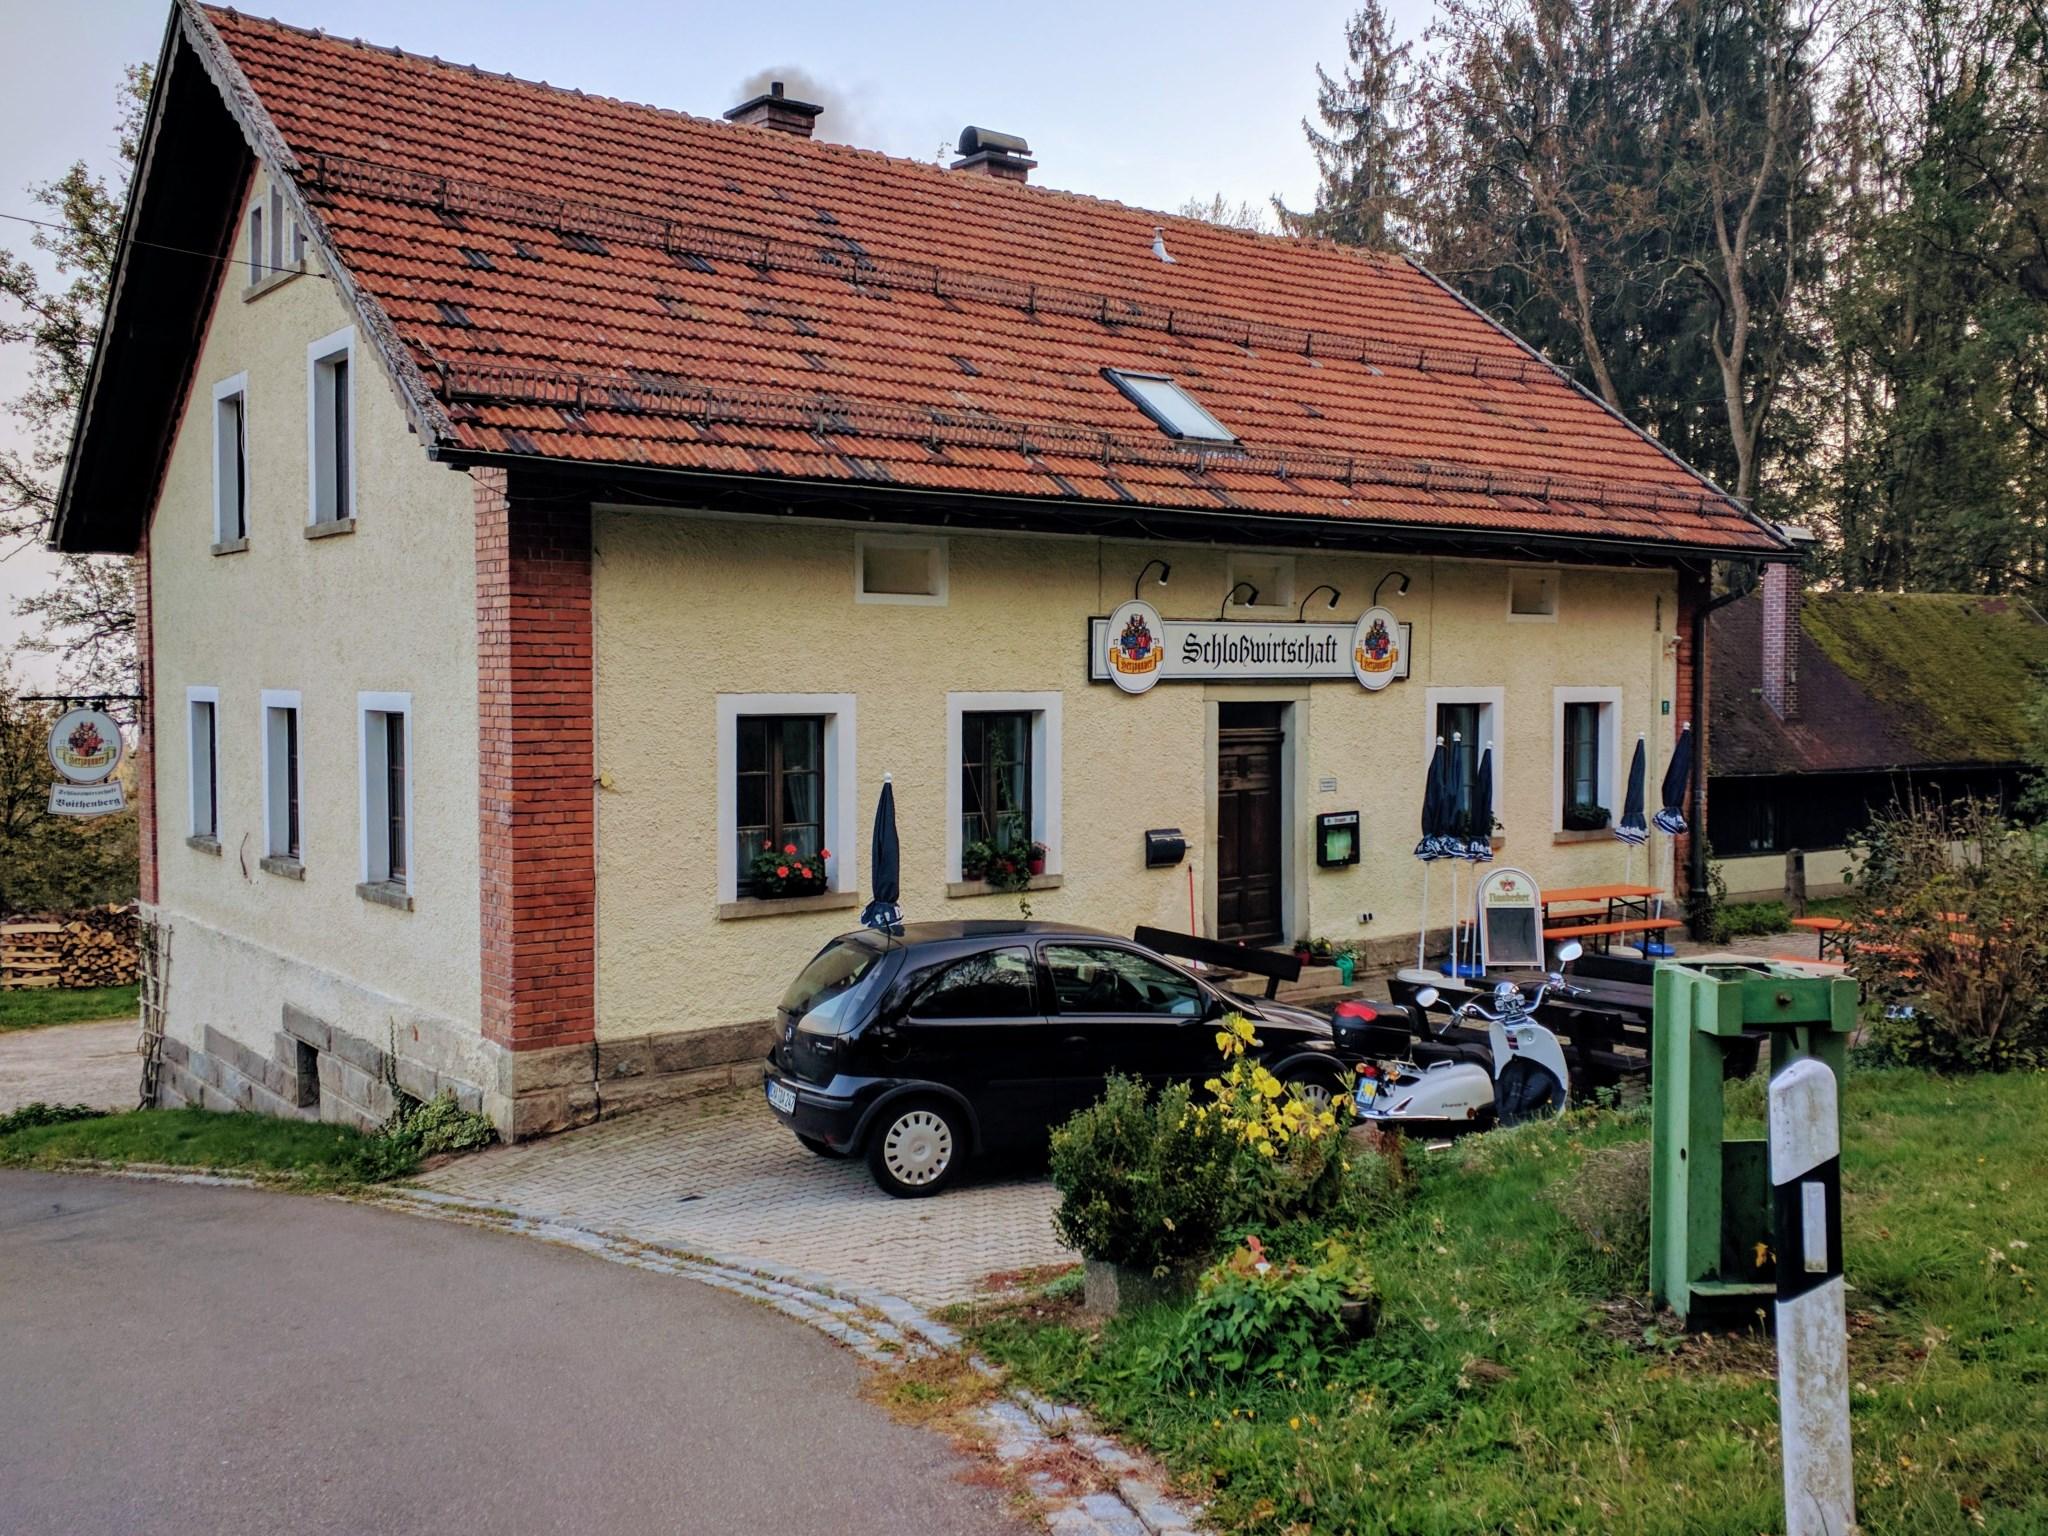 Schlosswirtschaft Voithenberg